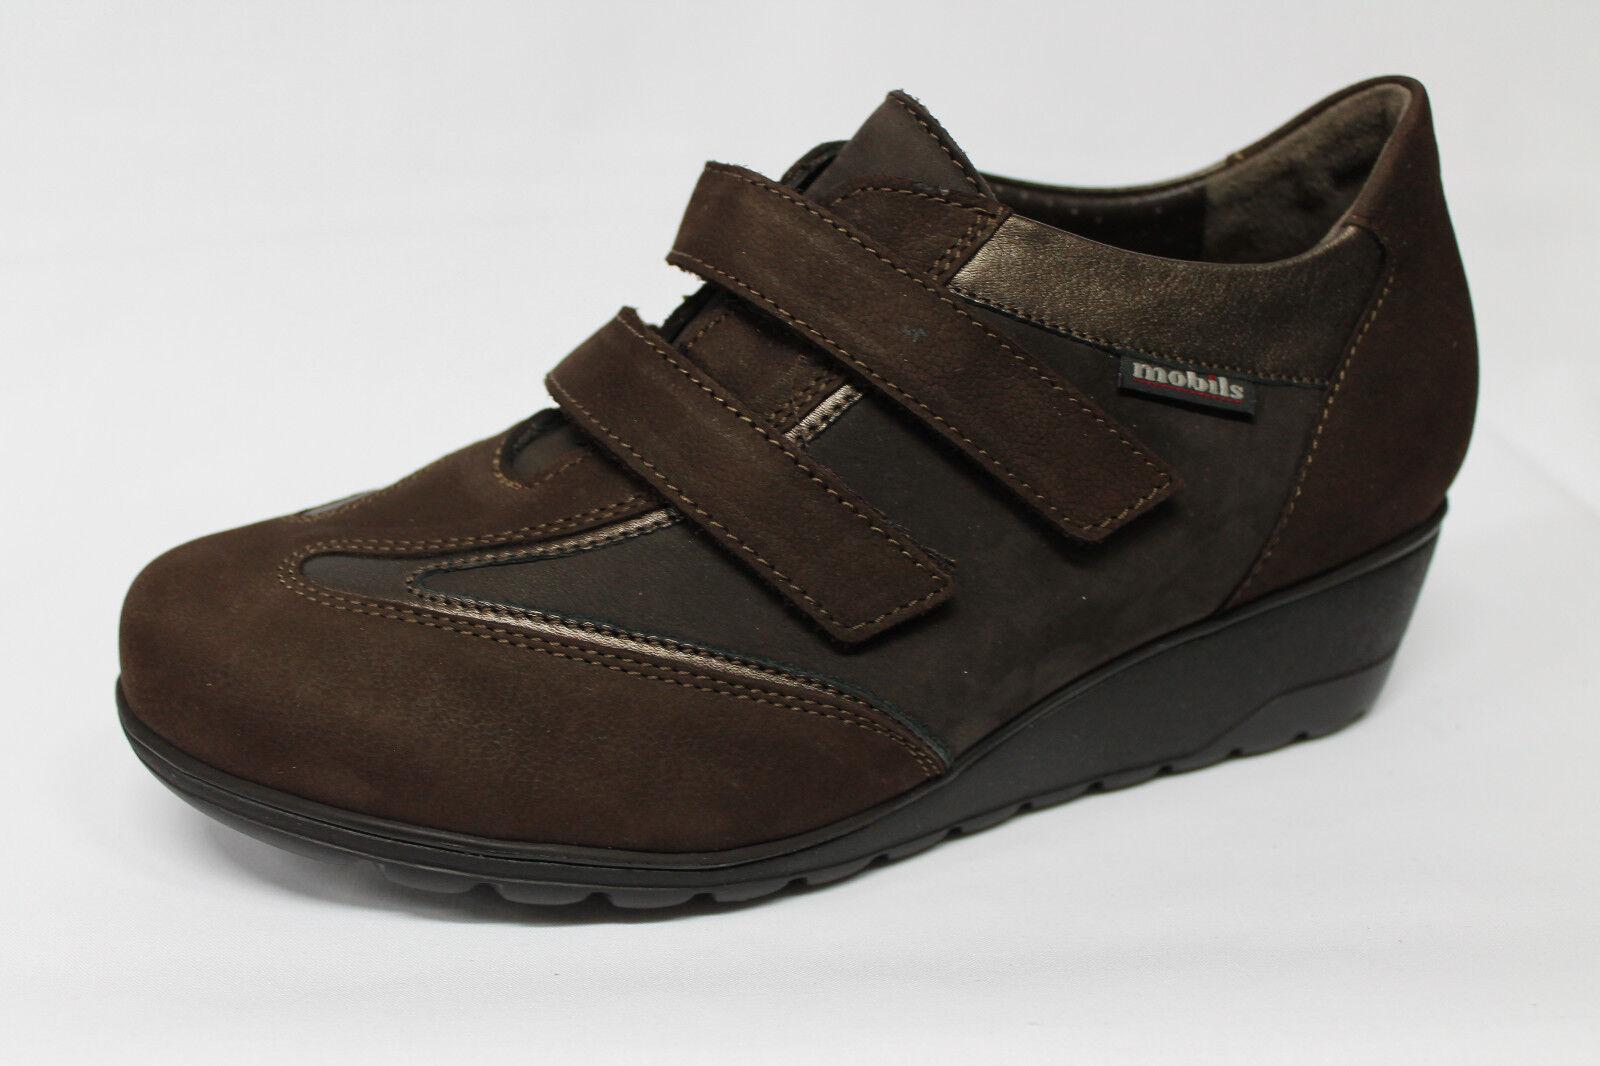 zapatos Mephisto Mobils Ergonomic Gigie Gigie Gigie nabuck marrón listino - 20% 90445a